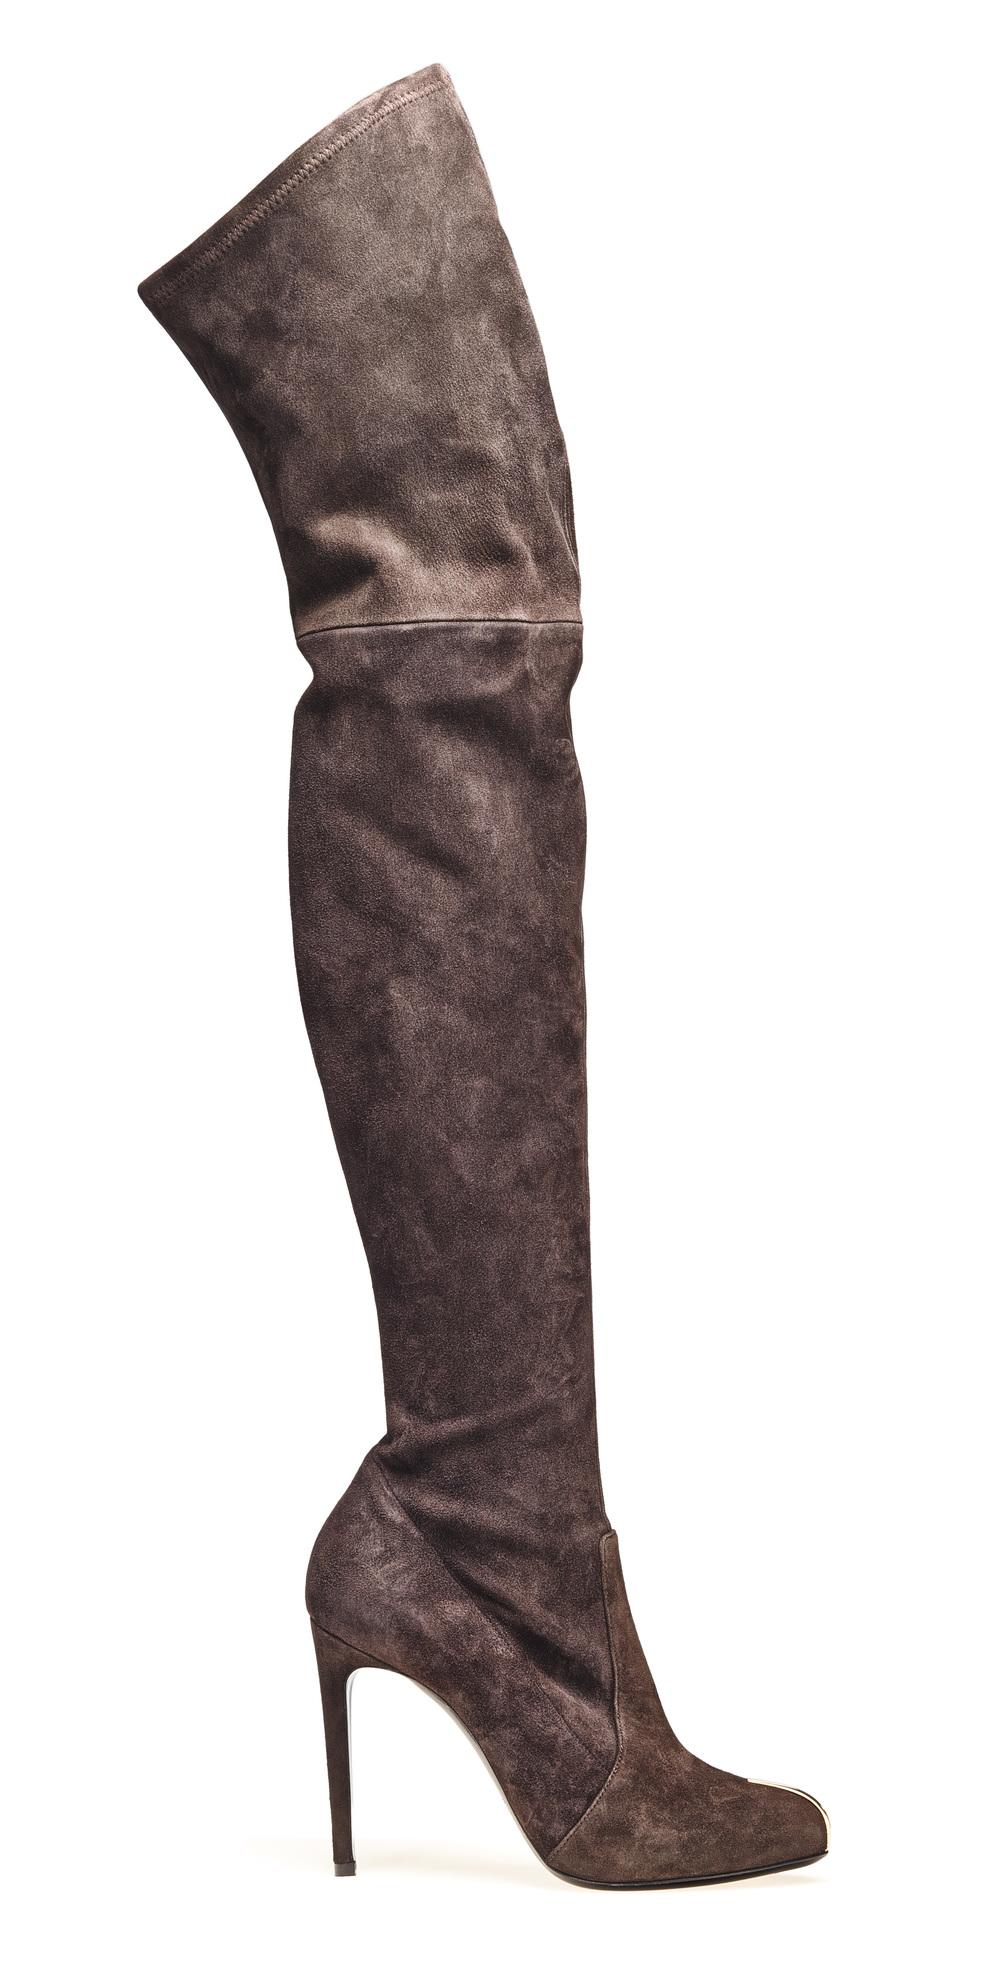 P & K Freisteller HW 2015 Casadei Stiefel 1070 EUR